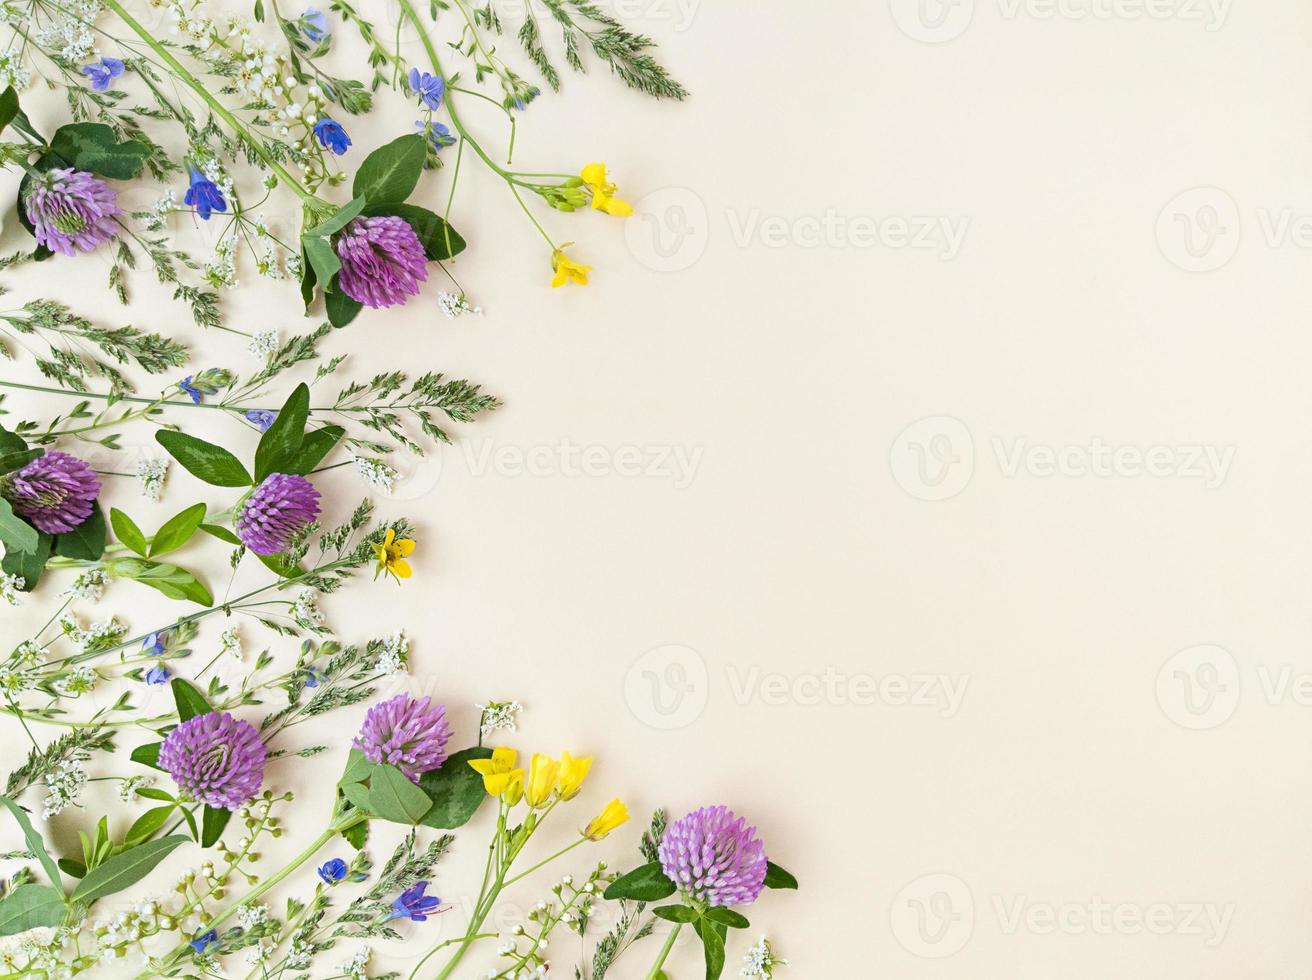 mélange de fleurs sauvages sur fond beige avec espace de copie. photo